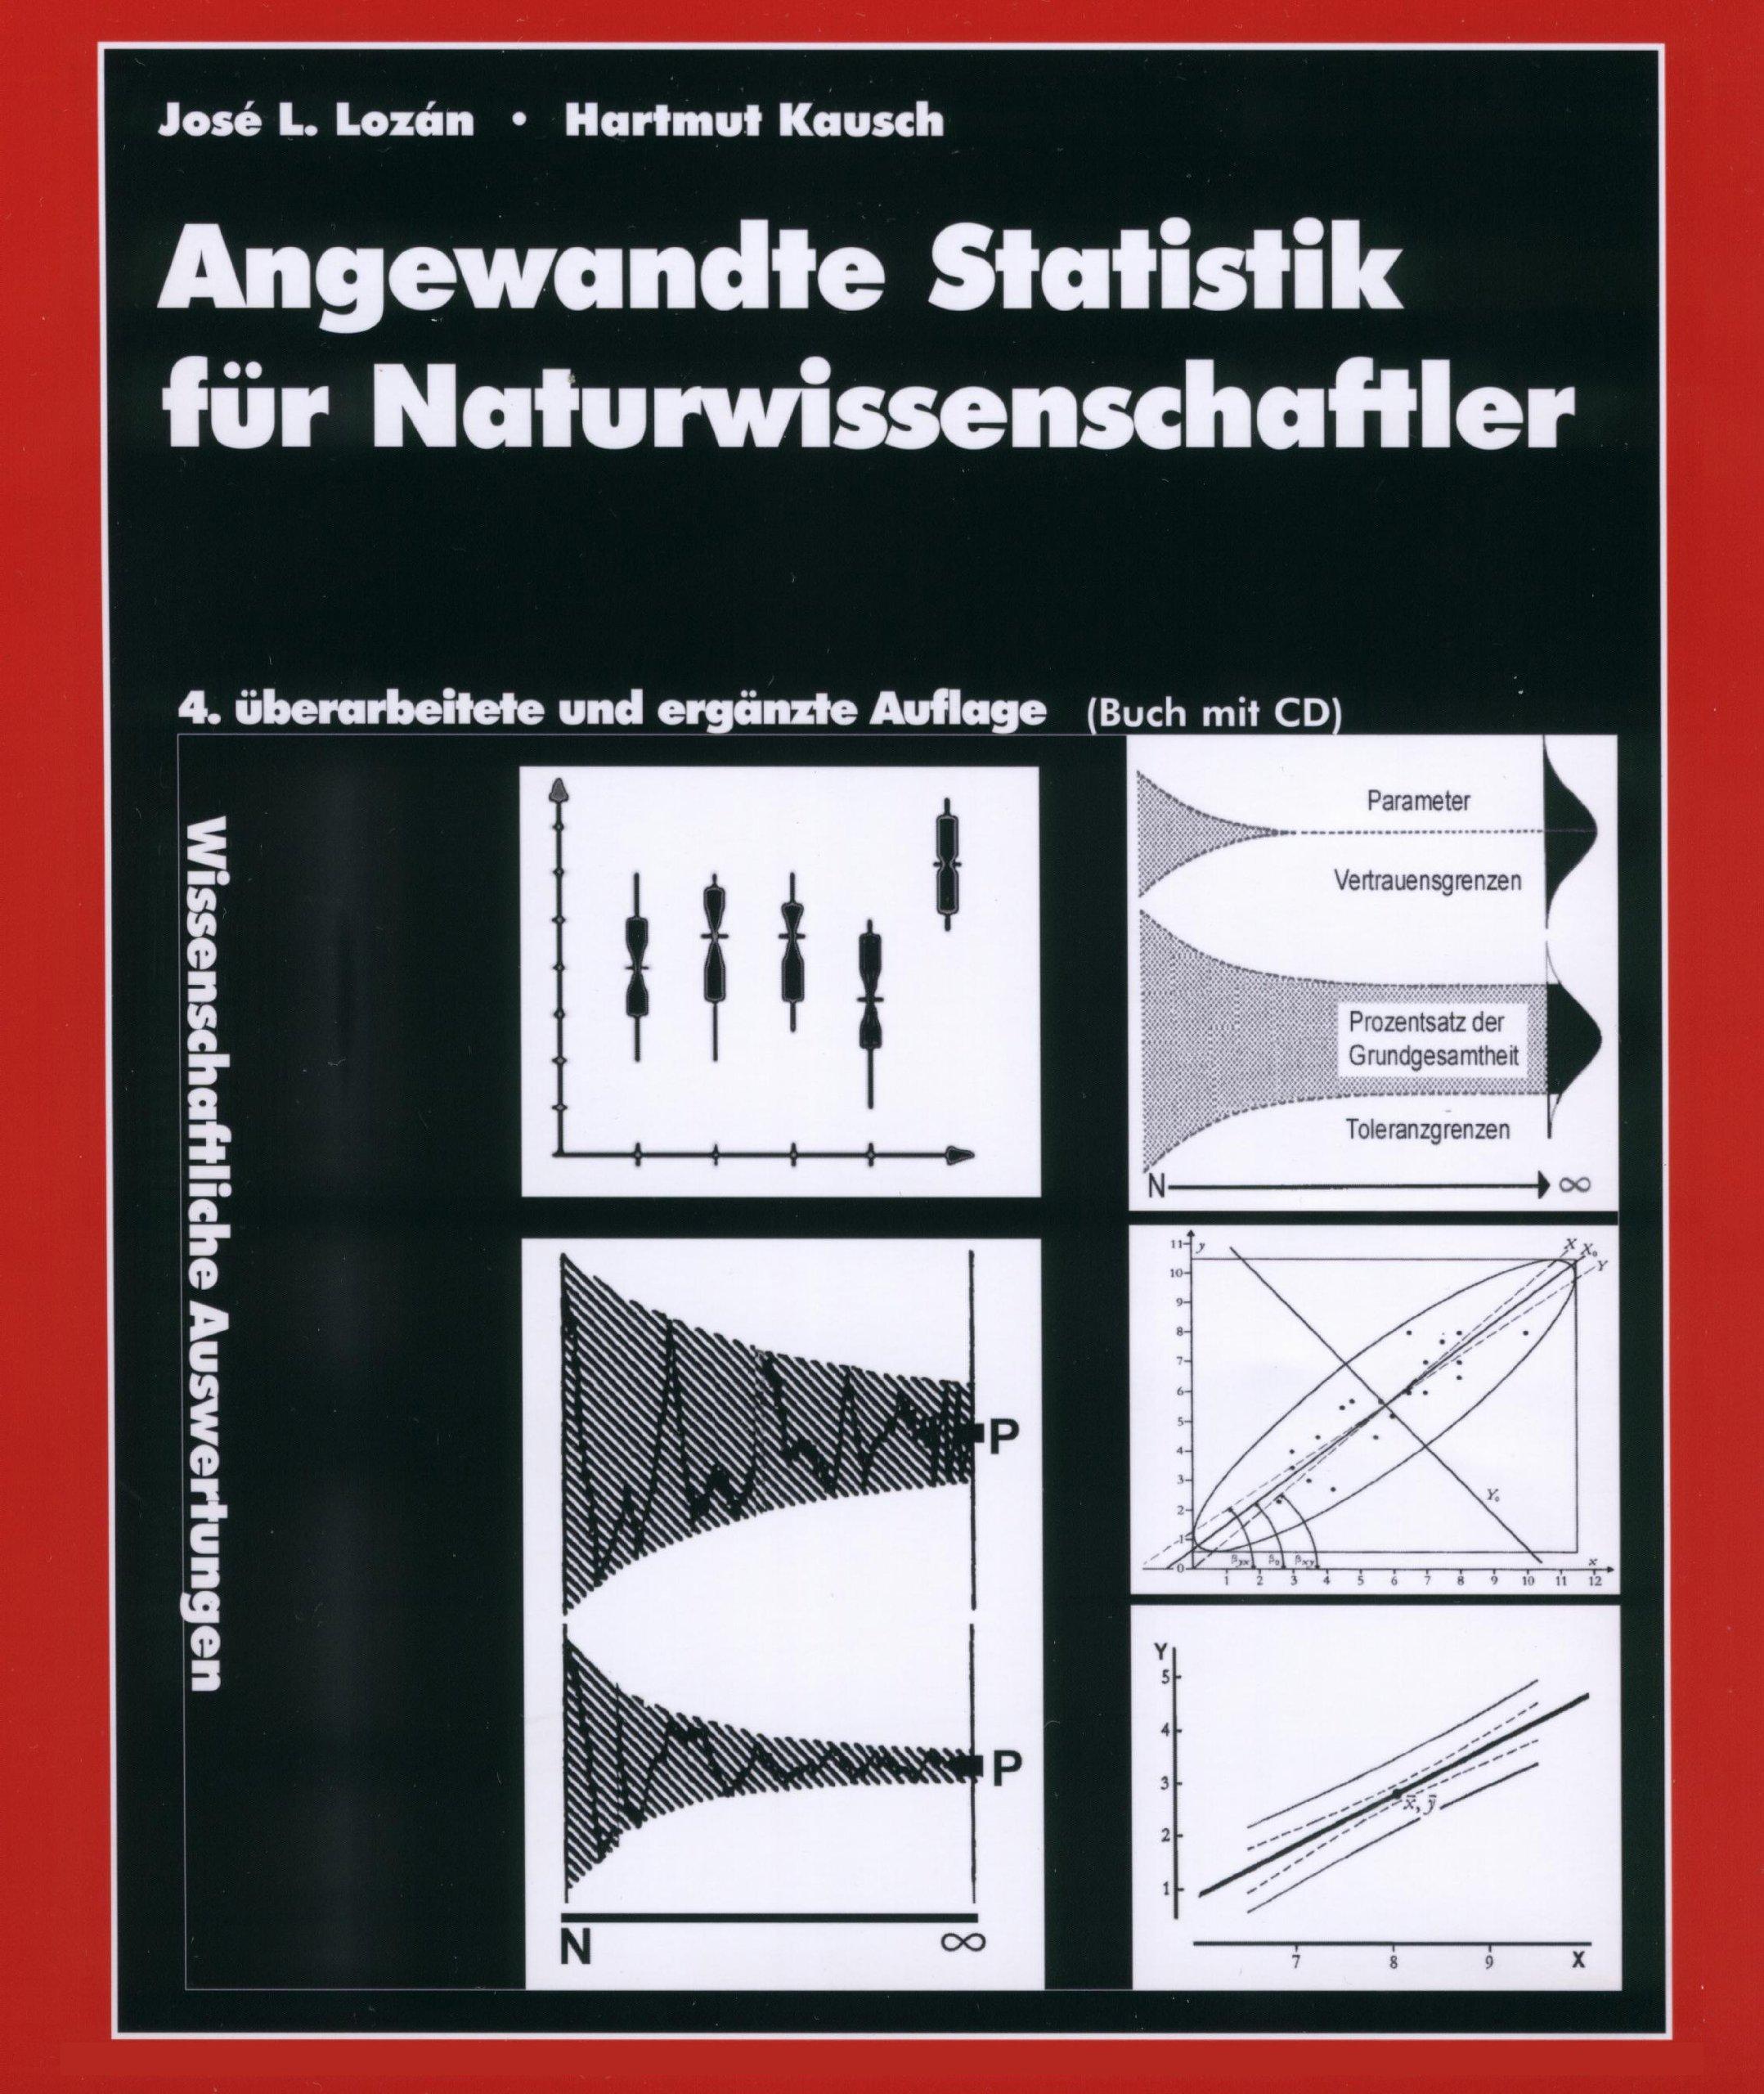 Angewandte Statistik für Naturwissenschaftler